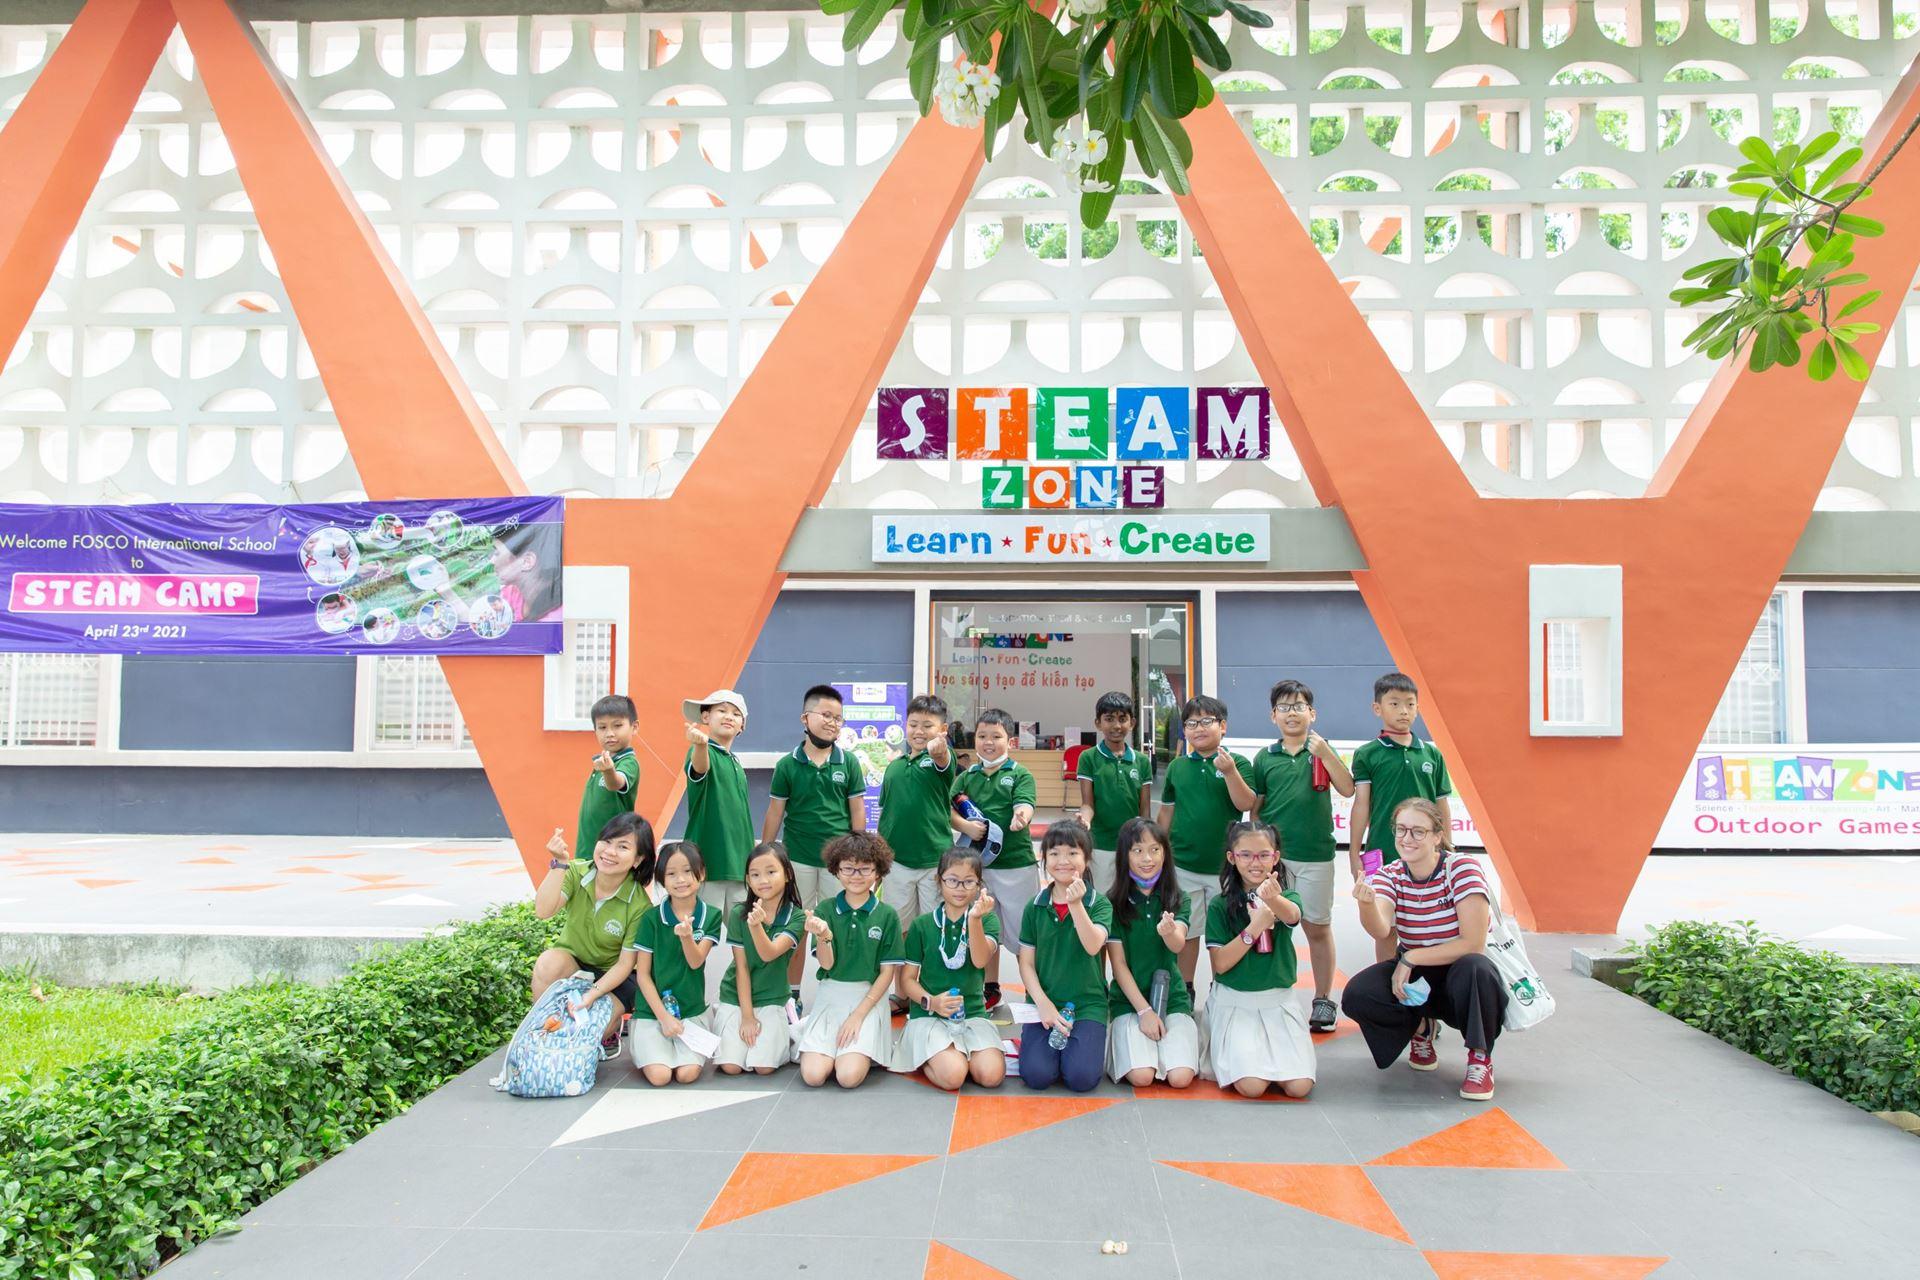 Các bạn học sinh trường FOSCO tại trung tâm STEAMZONE